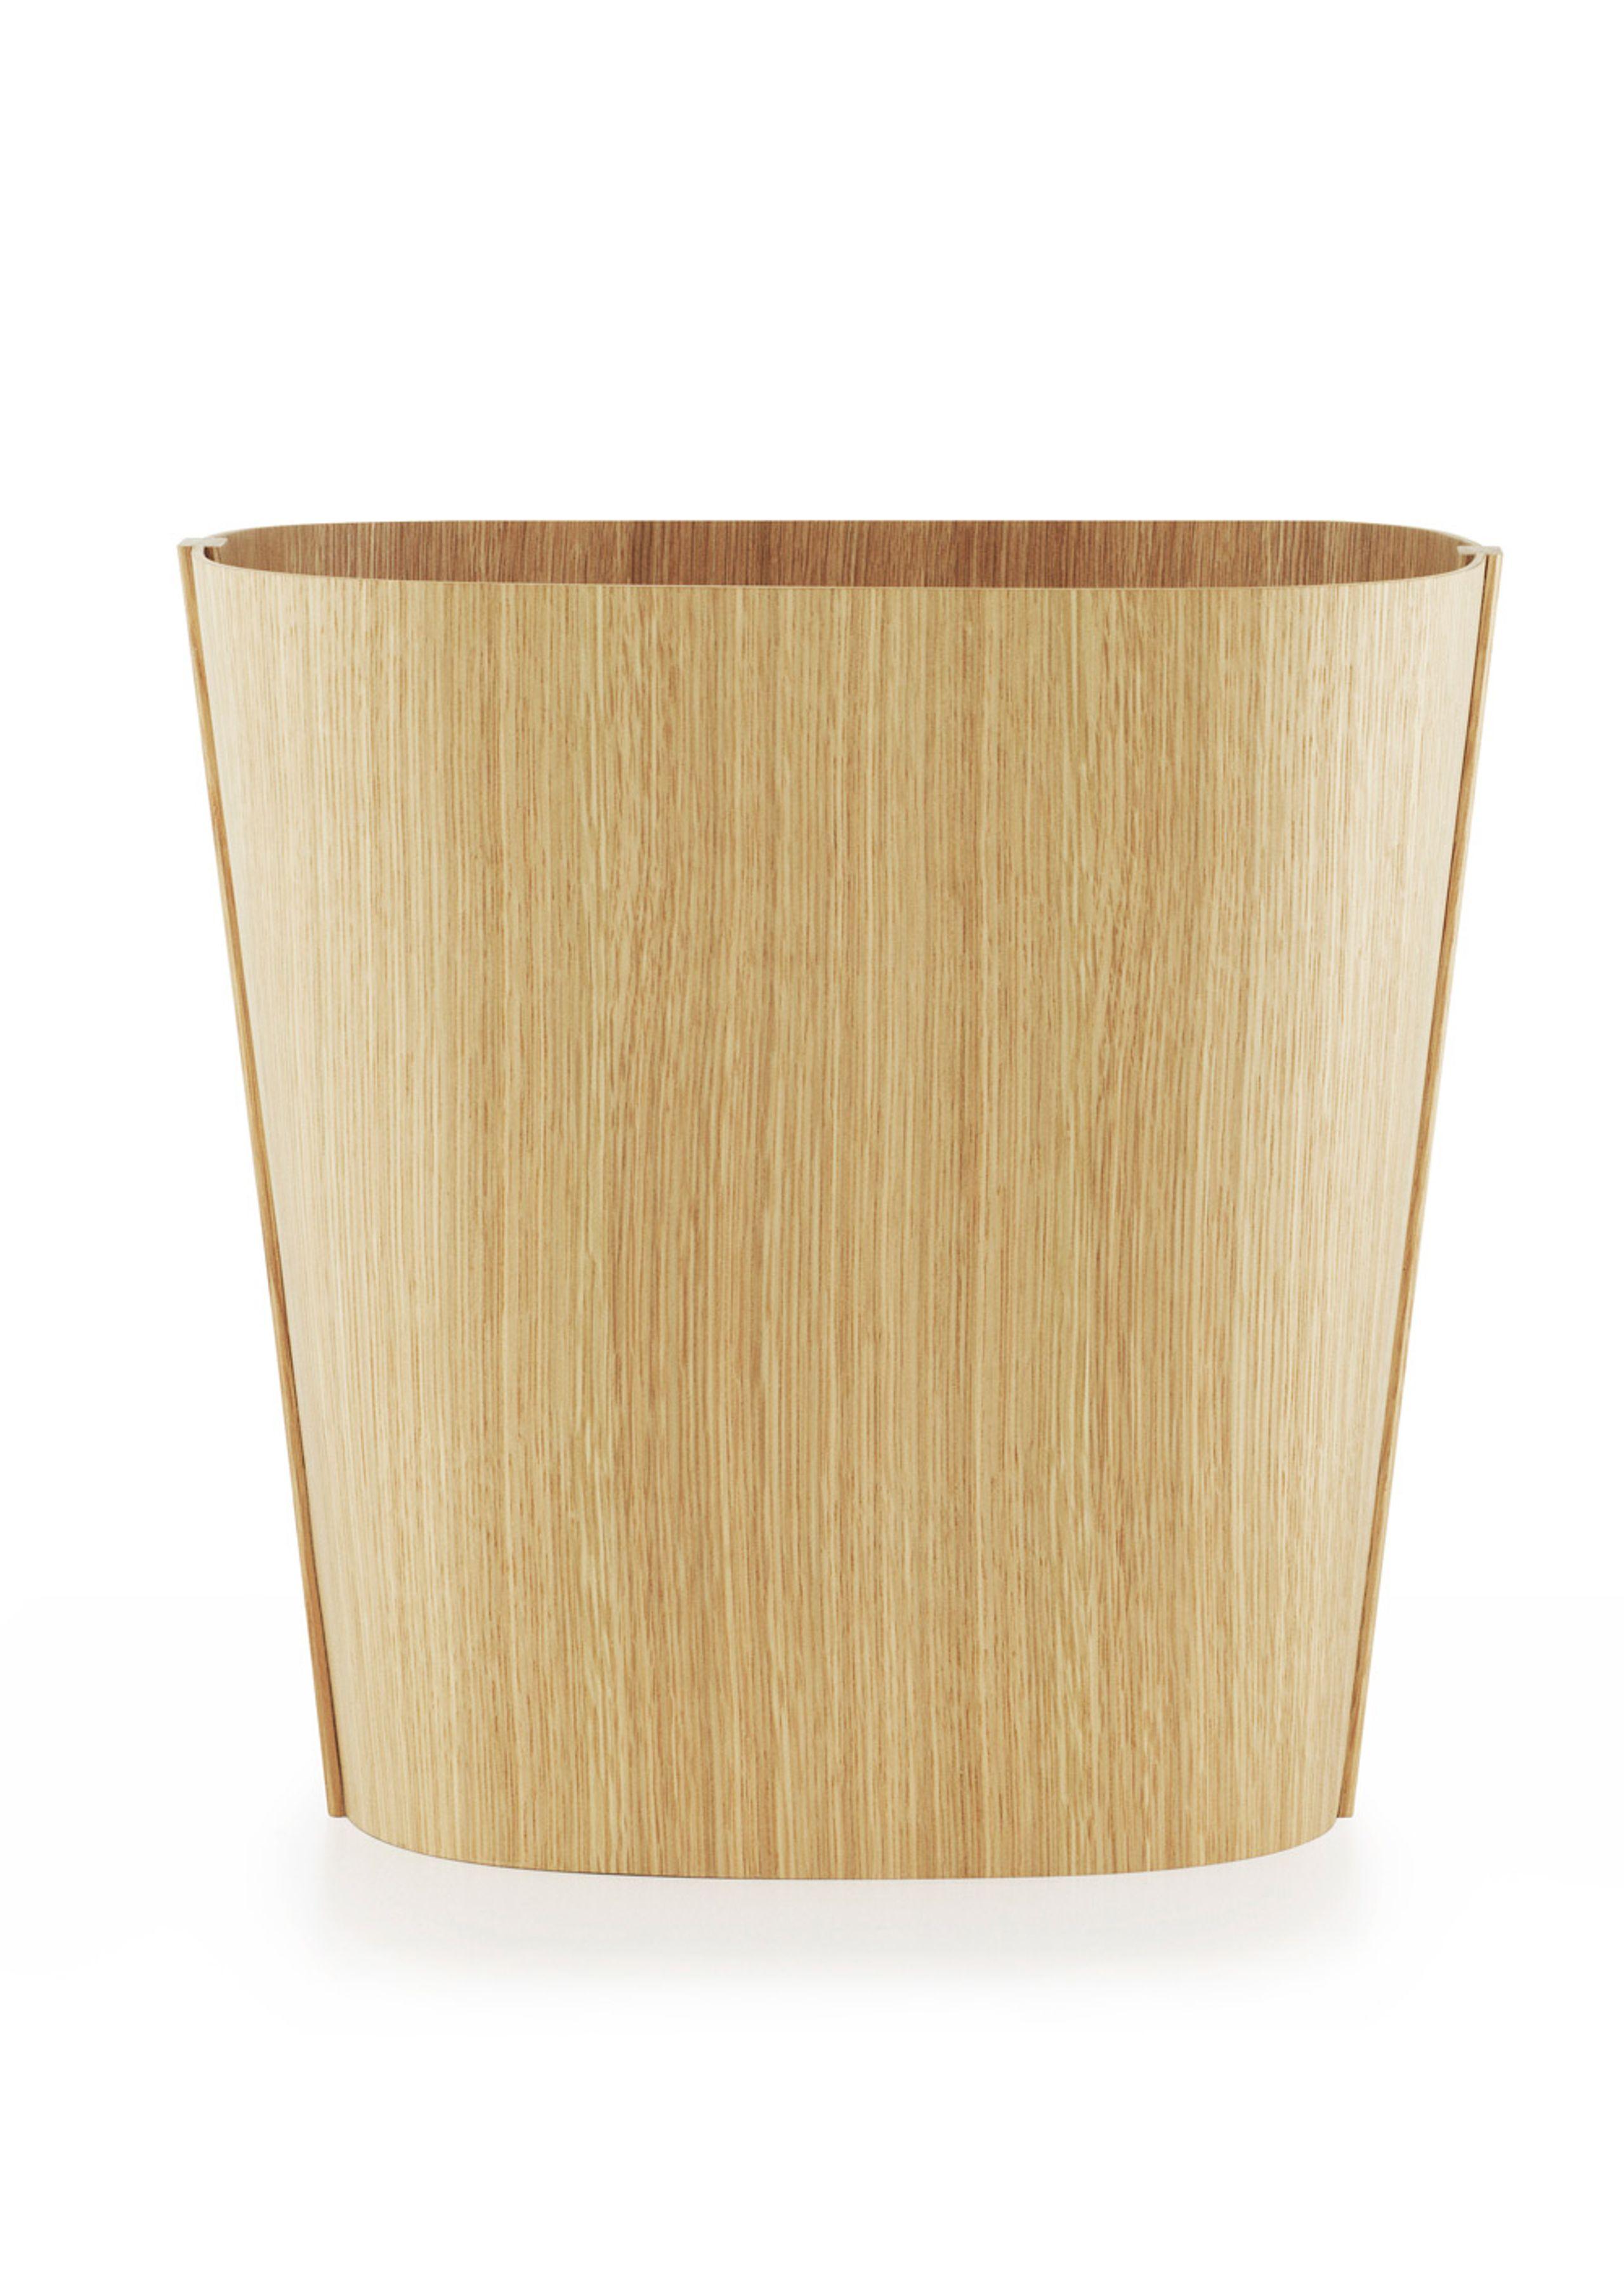 Tales of wood office bin